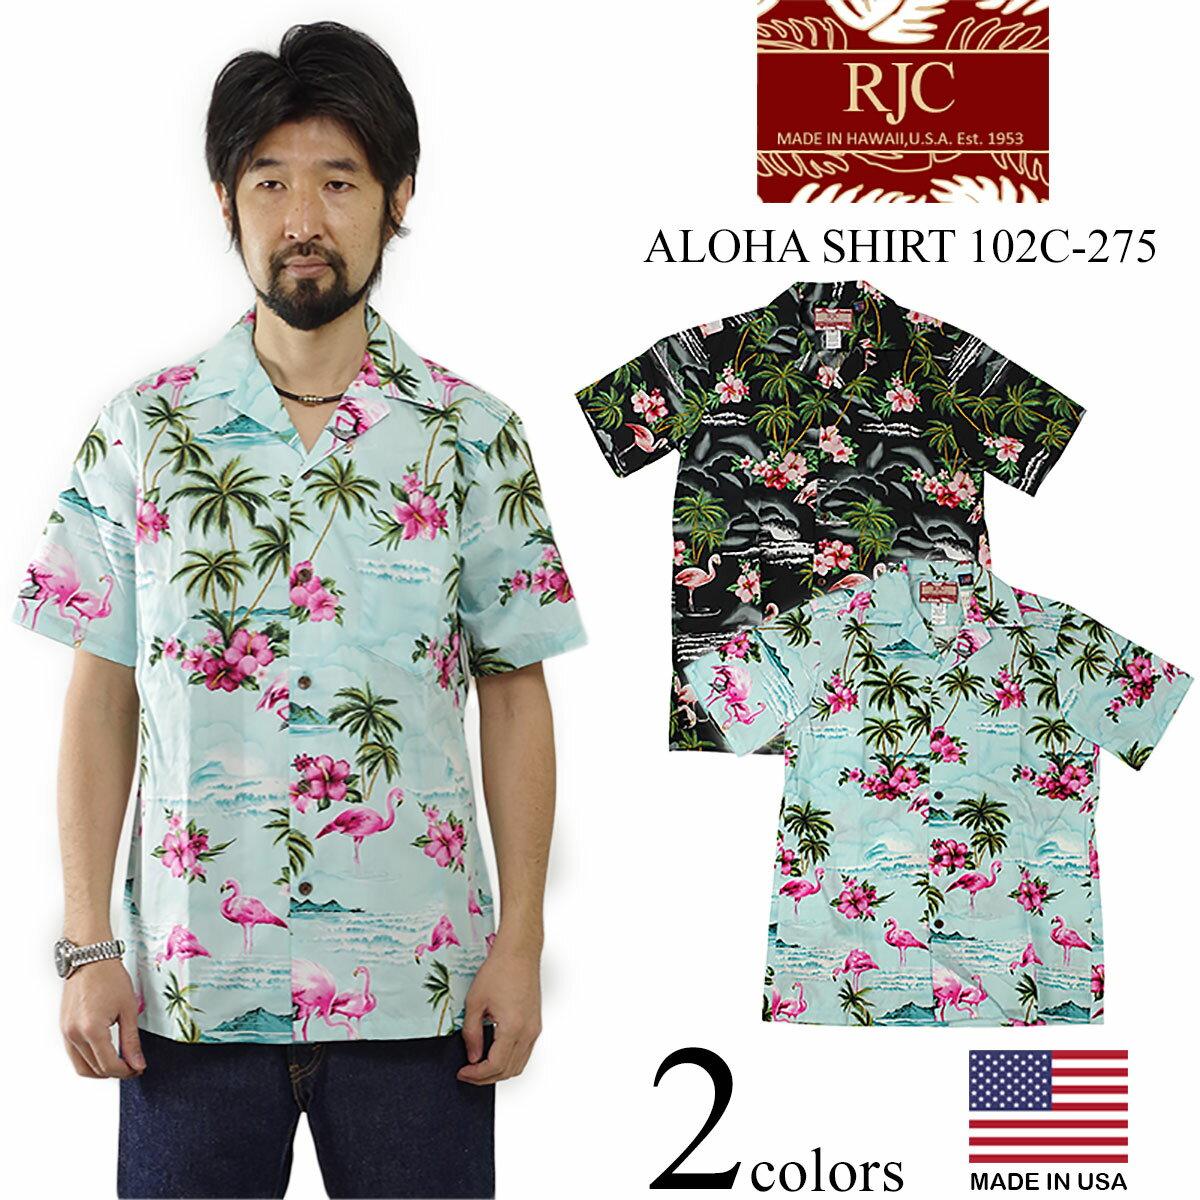 ロバートJクランシー RJC 半袖 アロハシャツ #102C-275 ハワイ製 (ROBERT J. CLANCY 米国製 コットン 開襟)